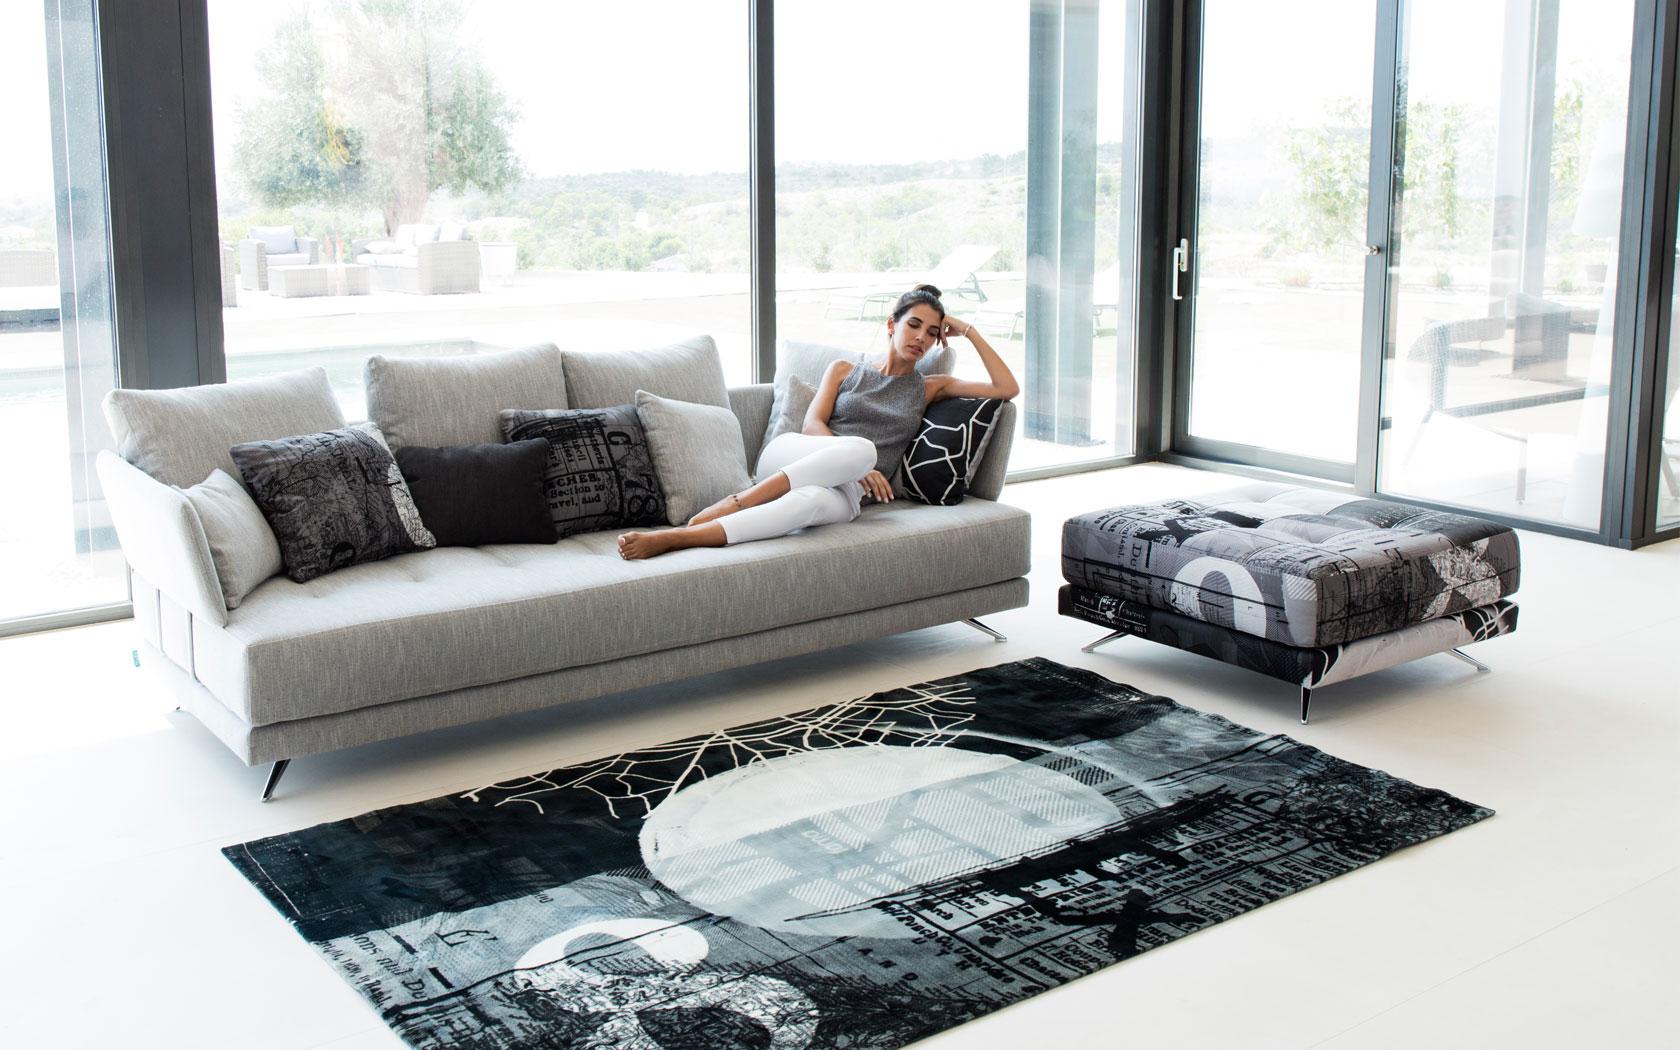 Pacific sofa Fama 2019 08